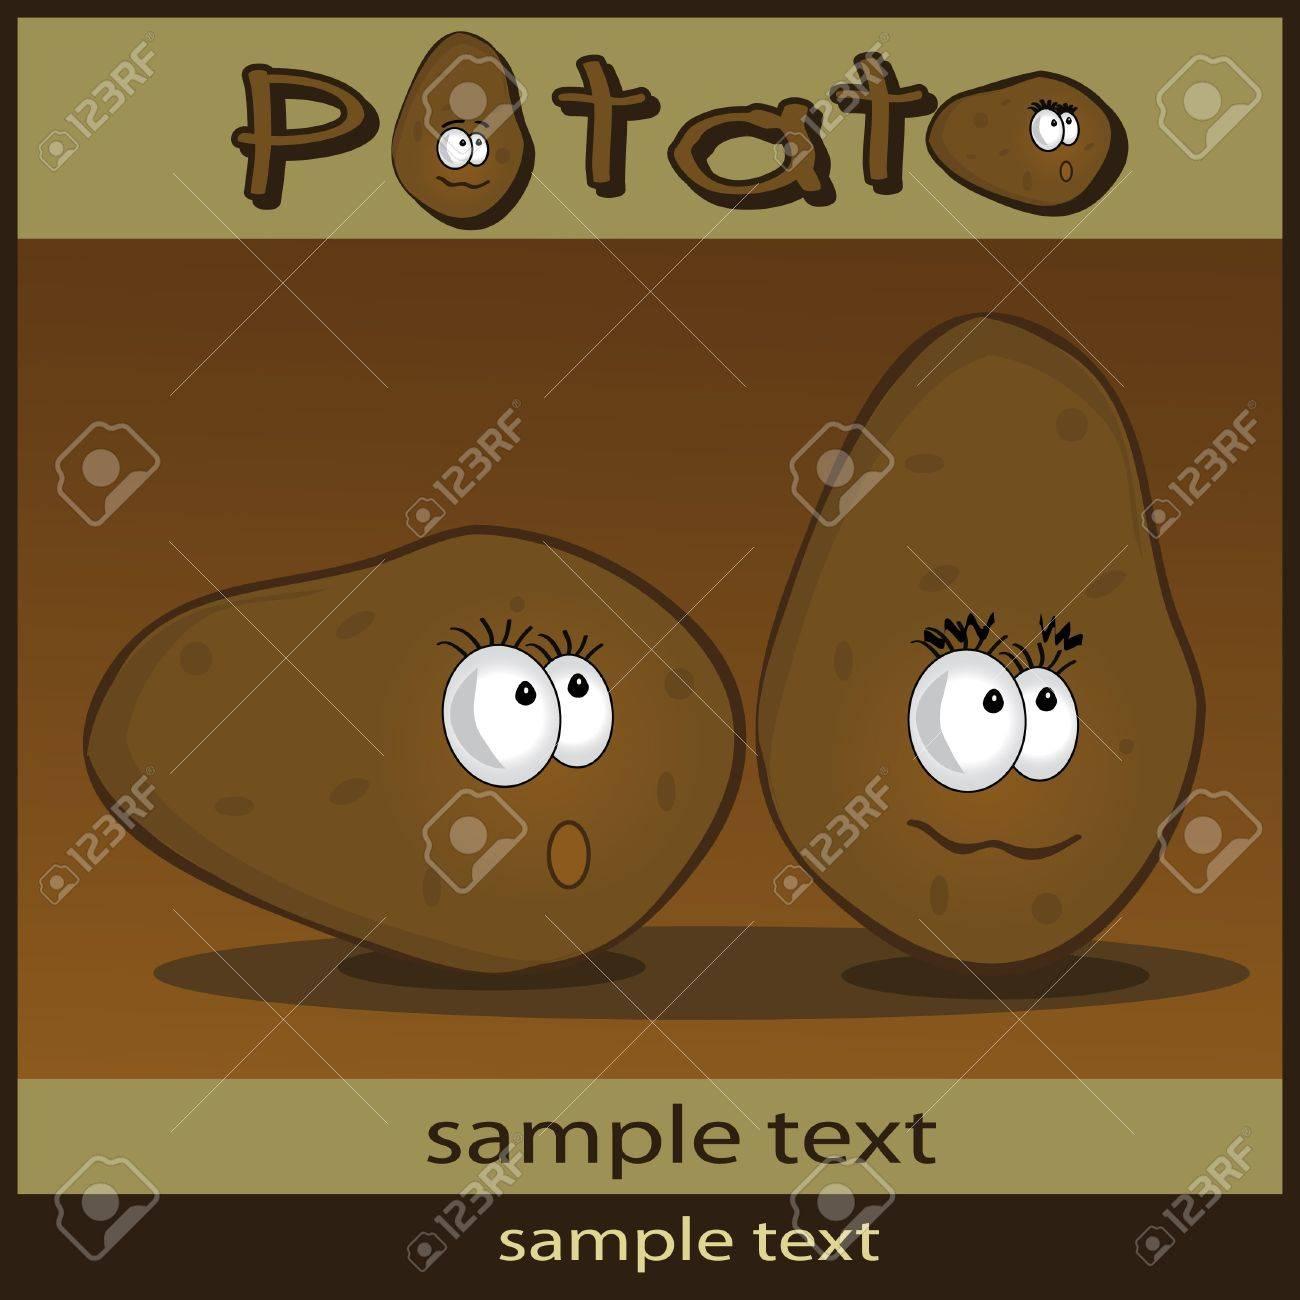 Potato cartoon Stock Vector - 9337327